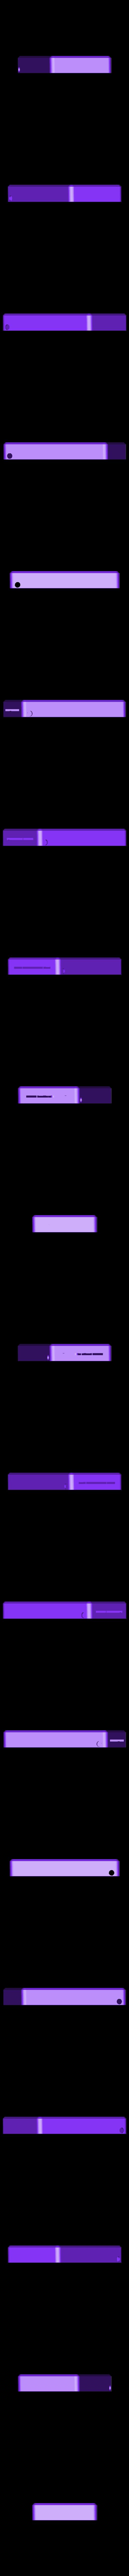 PO-12_FRONT.STL Télécharger fichier STL gratuit Teenage Engineering PO-12 étui avec clés • Objet imprimable en 3D, Palemar